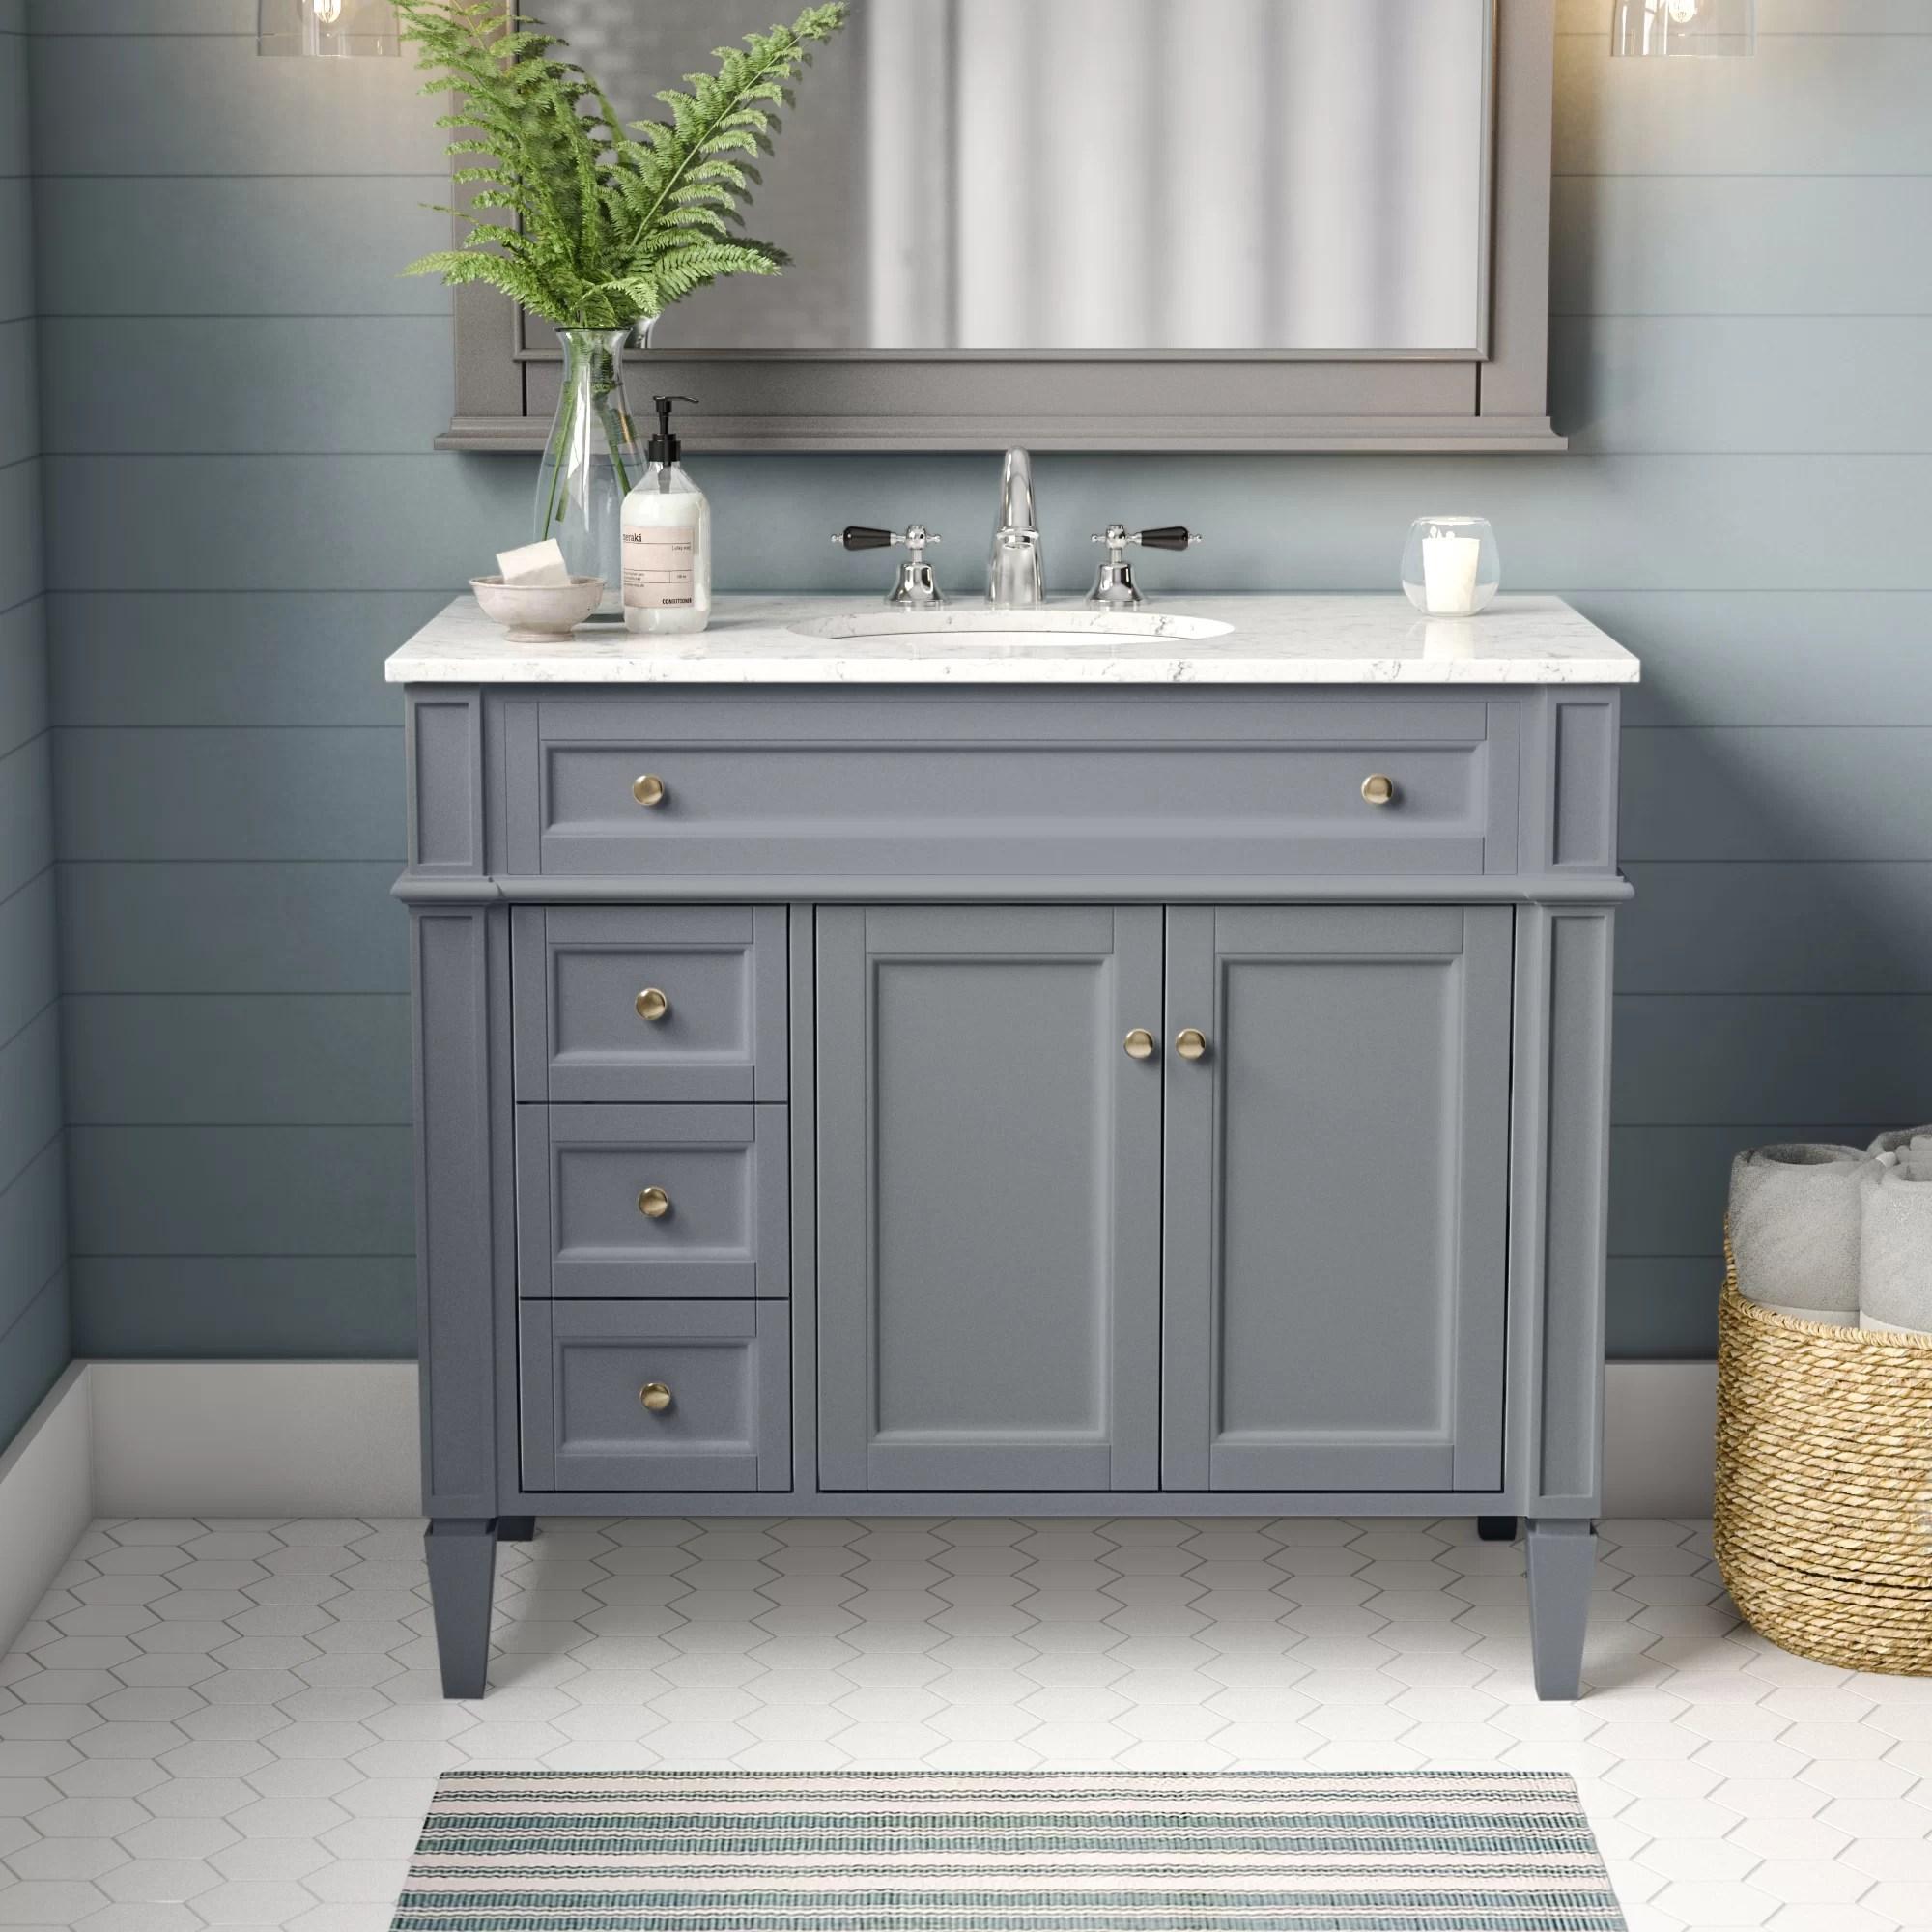 amariani 43 single bathroom vanity set